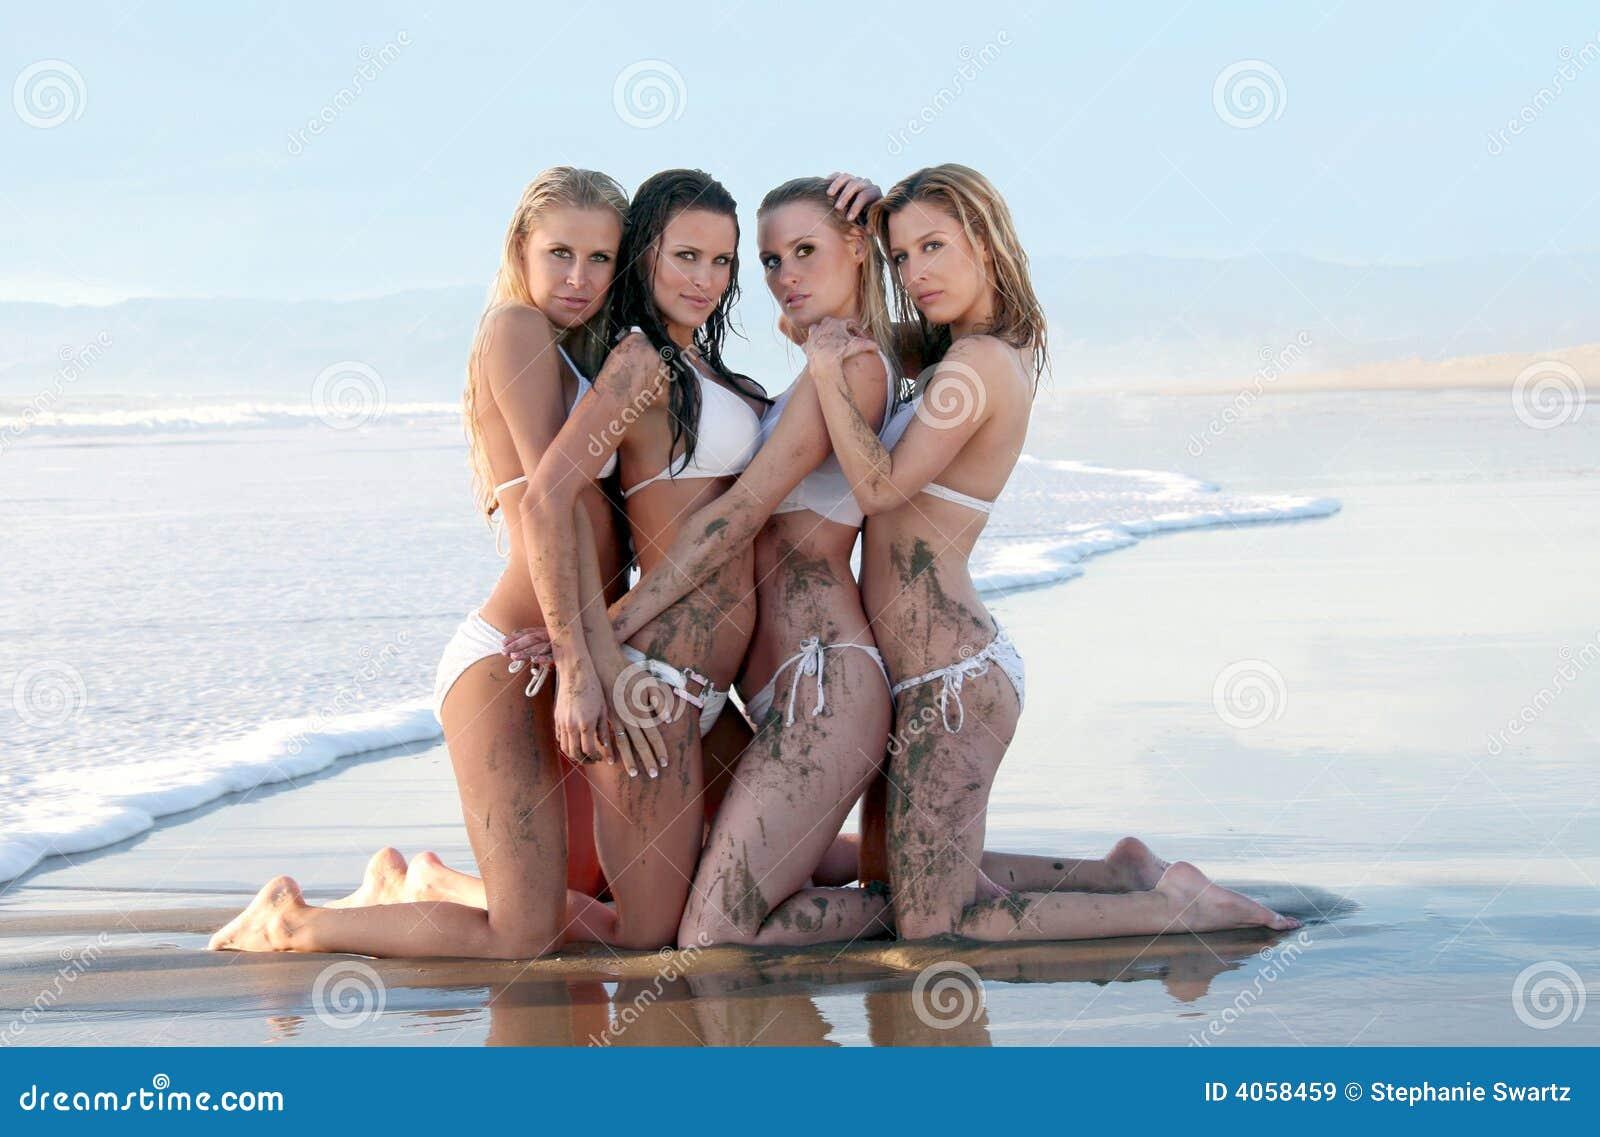 Cuatro modelos magníficos del bikiní